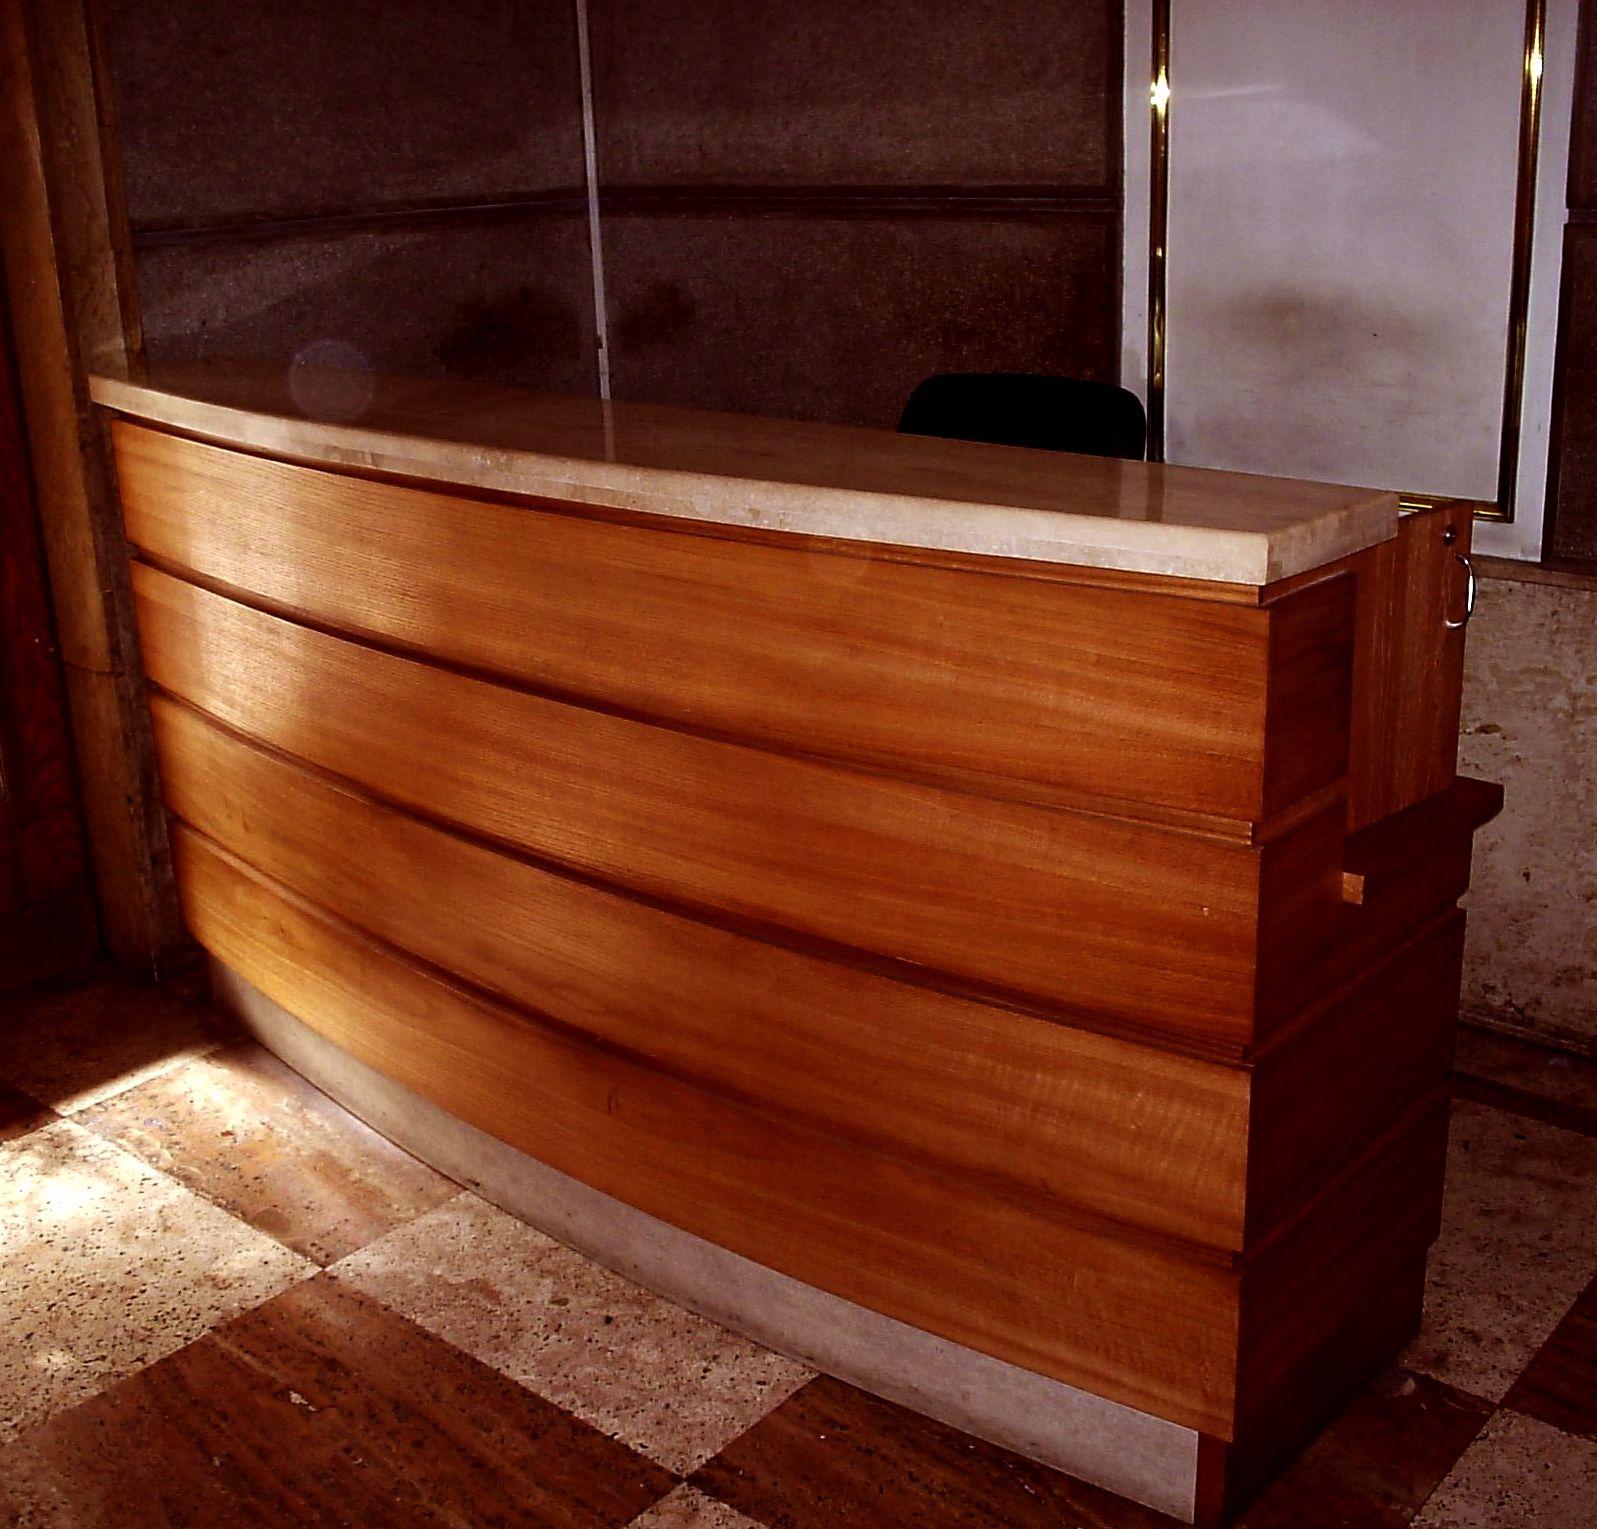 Mueble recepci n en madera de coigue y m rmol oficina for Mueble recepcion oficina